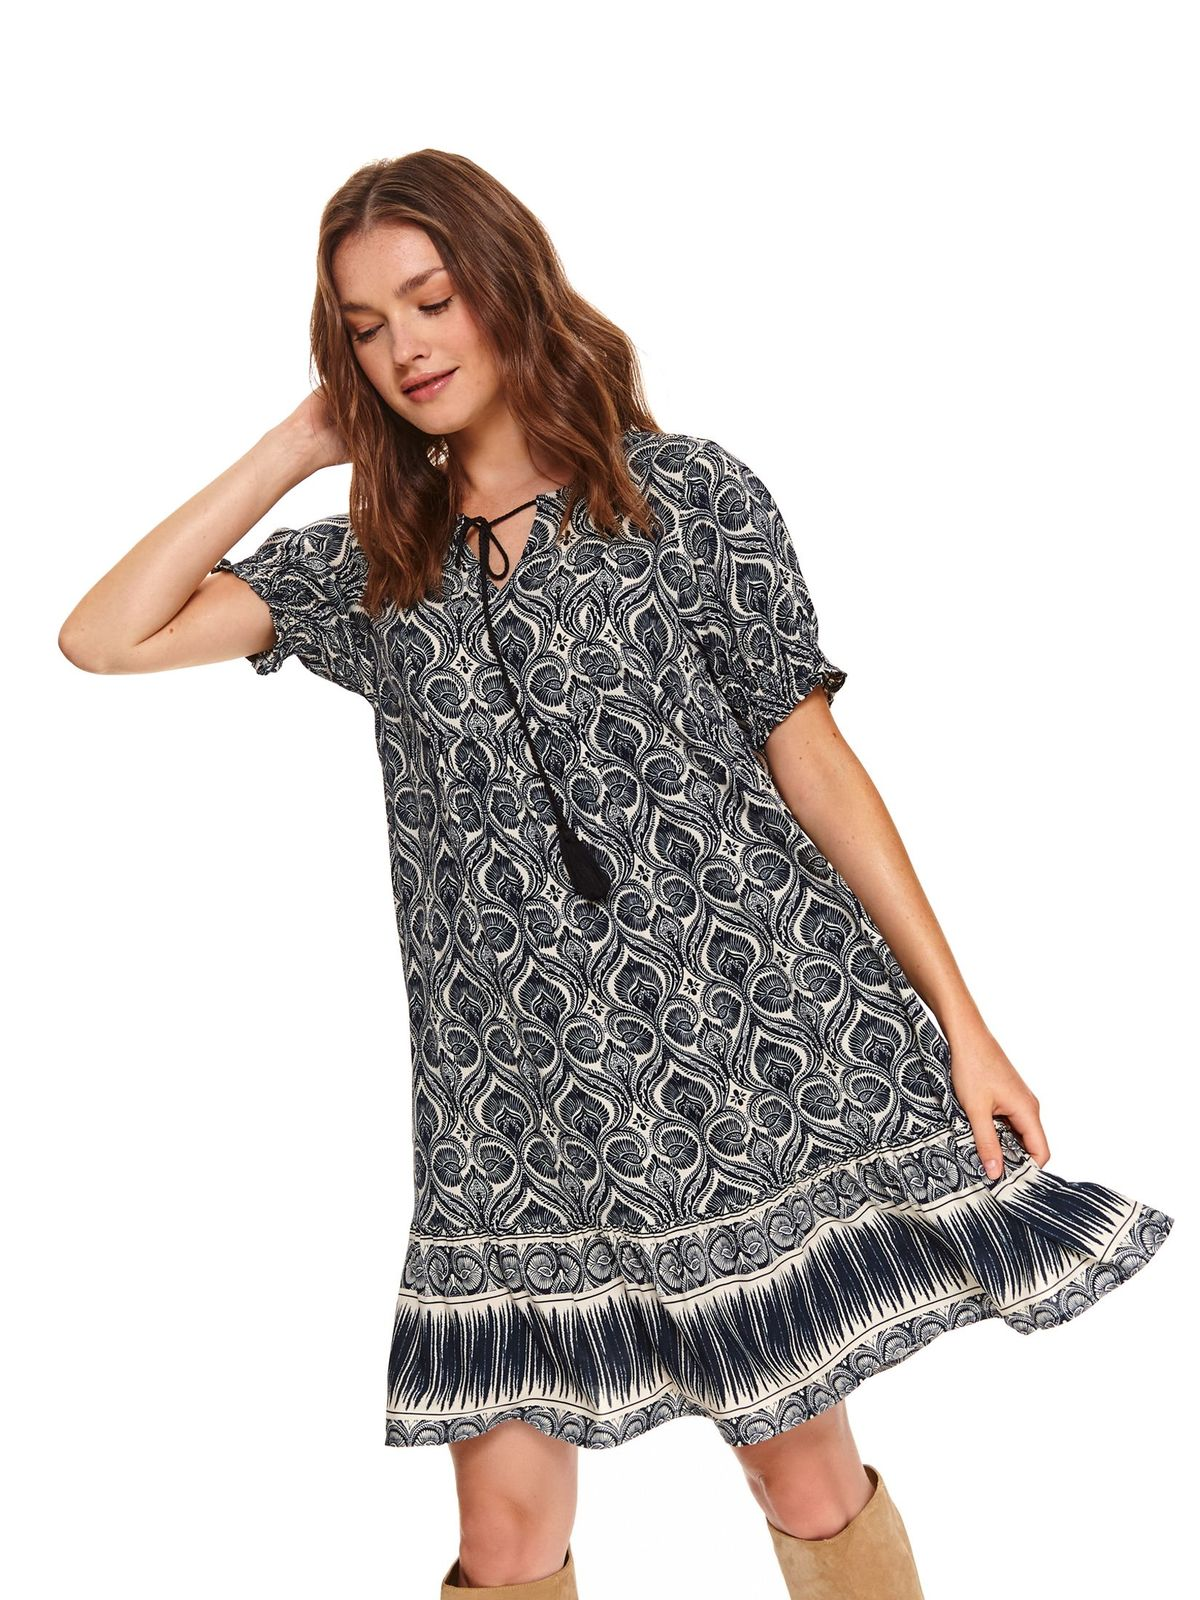 Darkblue dress short cut daily flared thin fabric